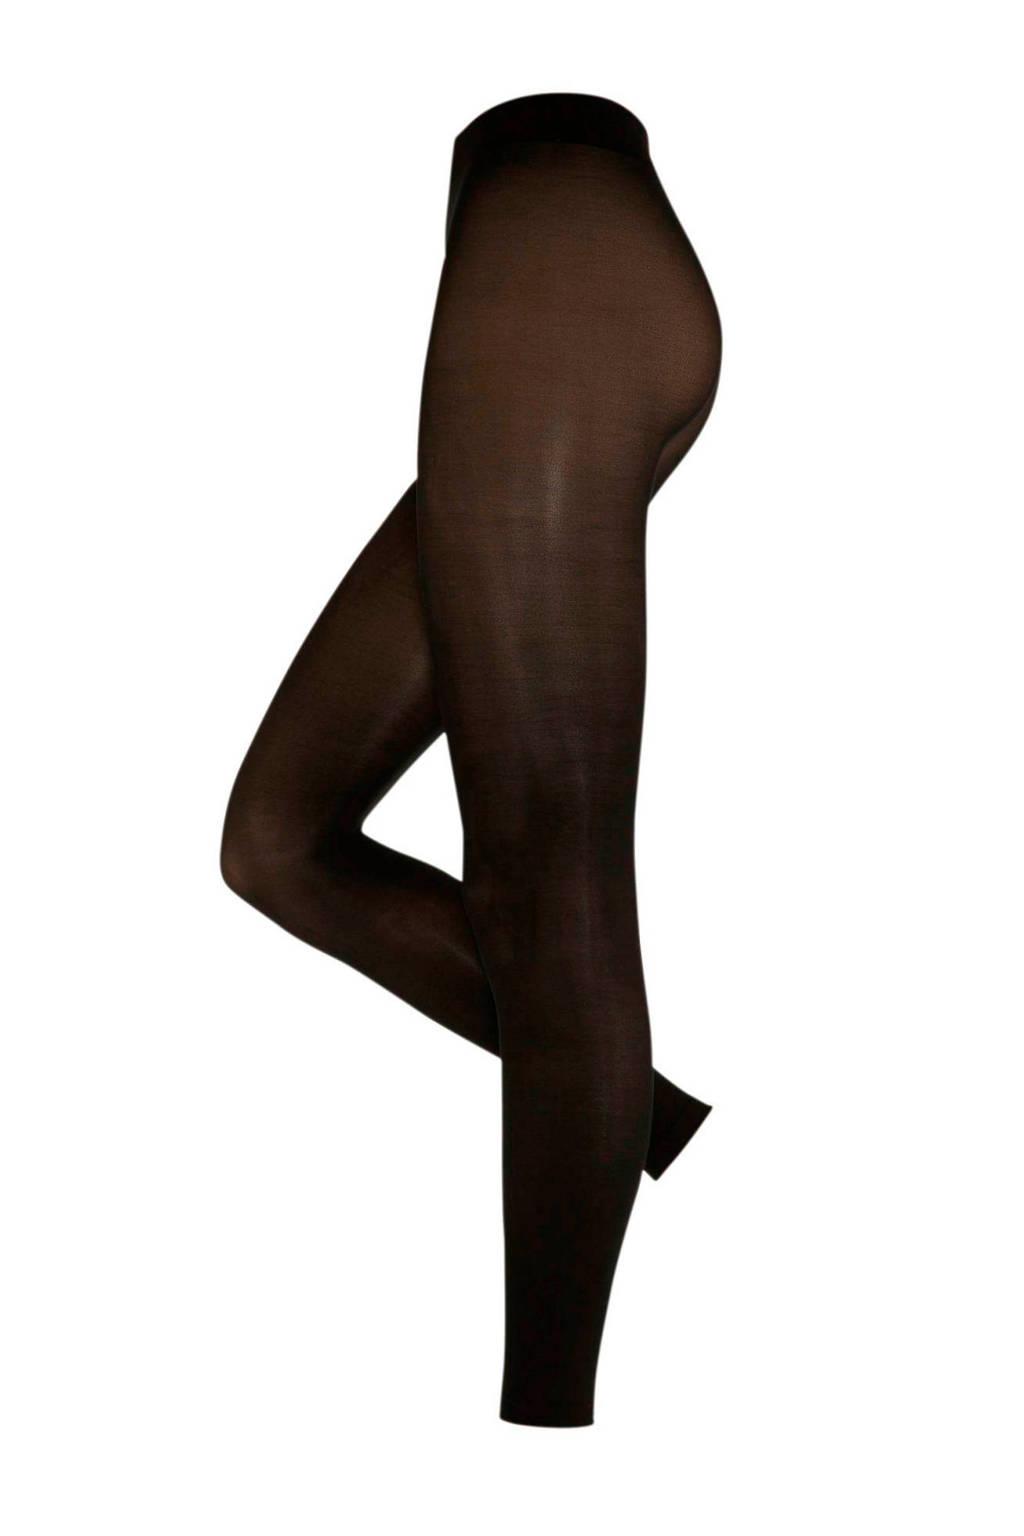 Kunert voetloze panty Velvet 40 denier zwart, Zwart